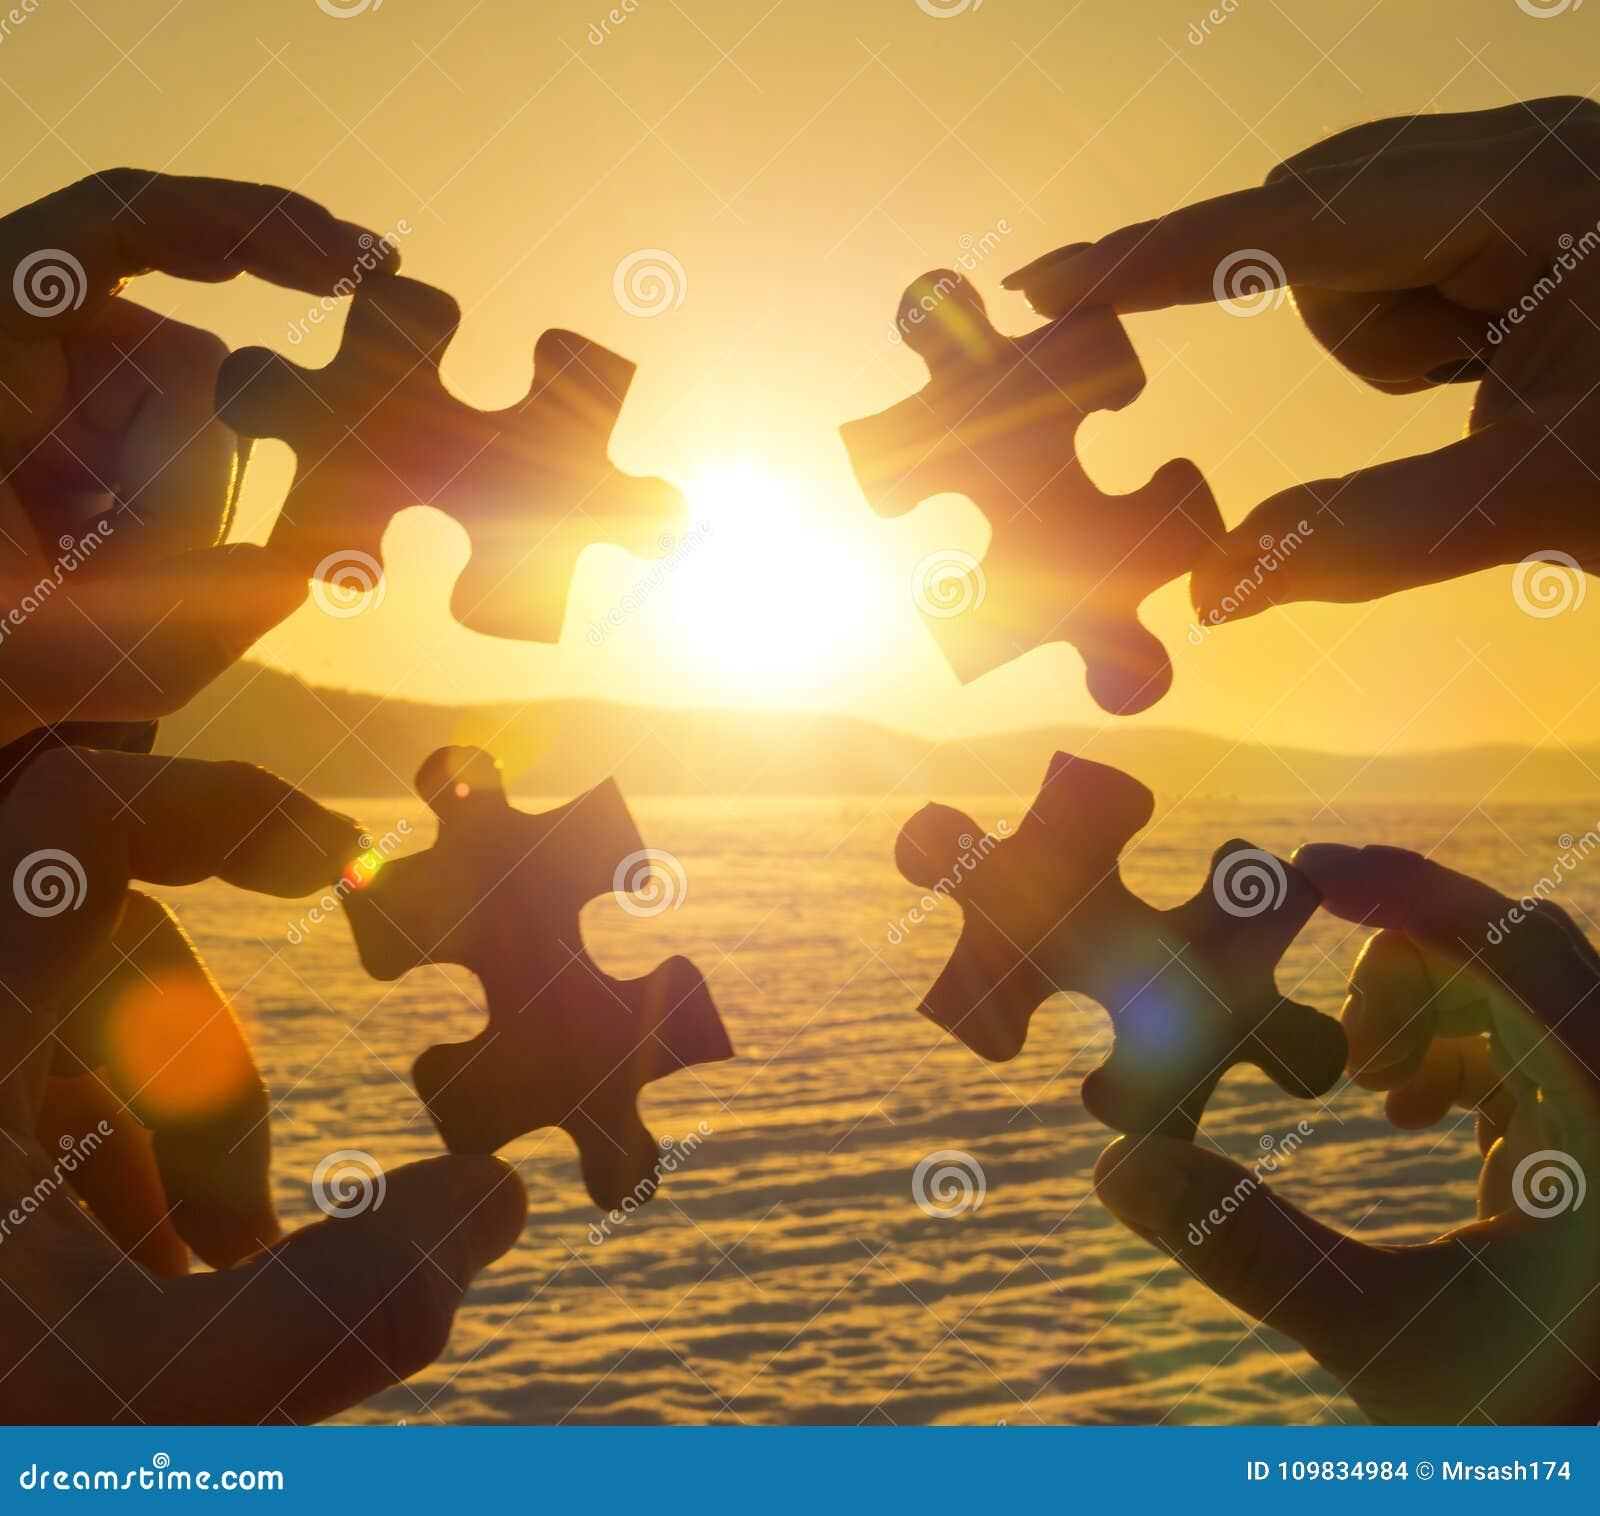 Werk vier handen die een raadselstuk aan een zonsondergangachtergrond proberen te verbinden samen